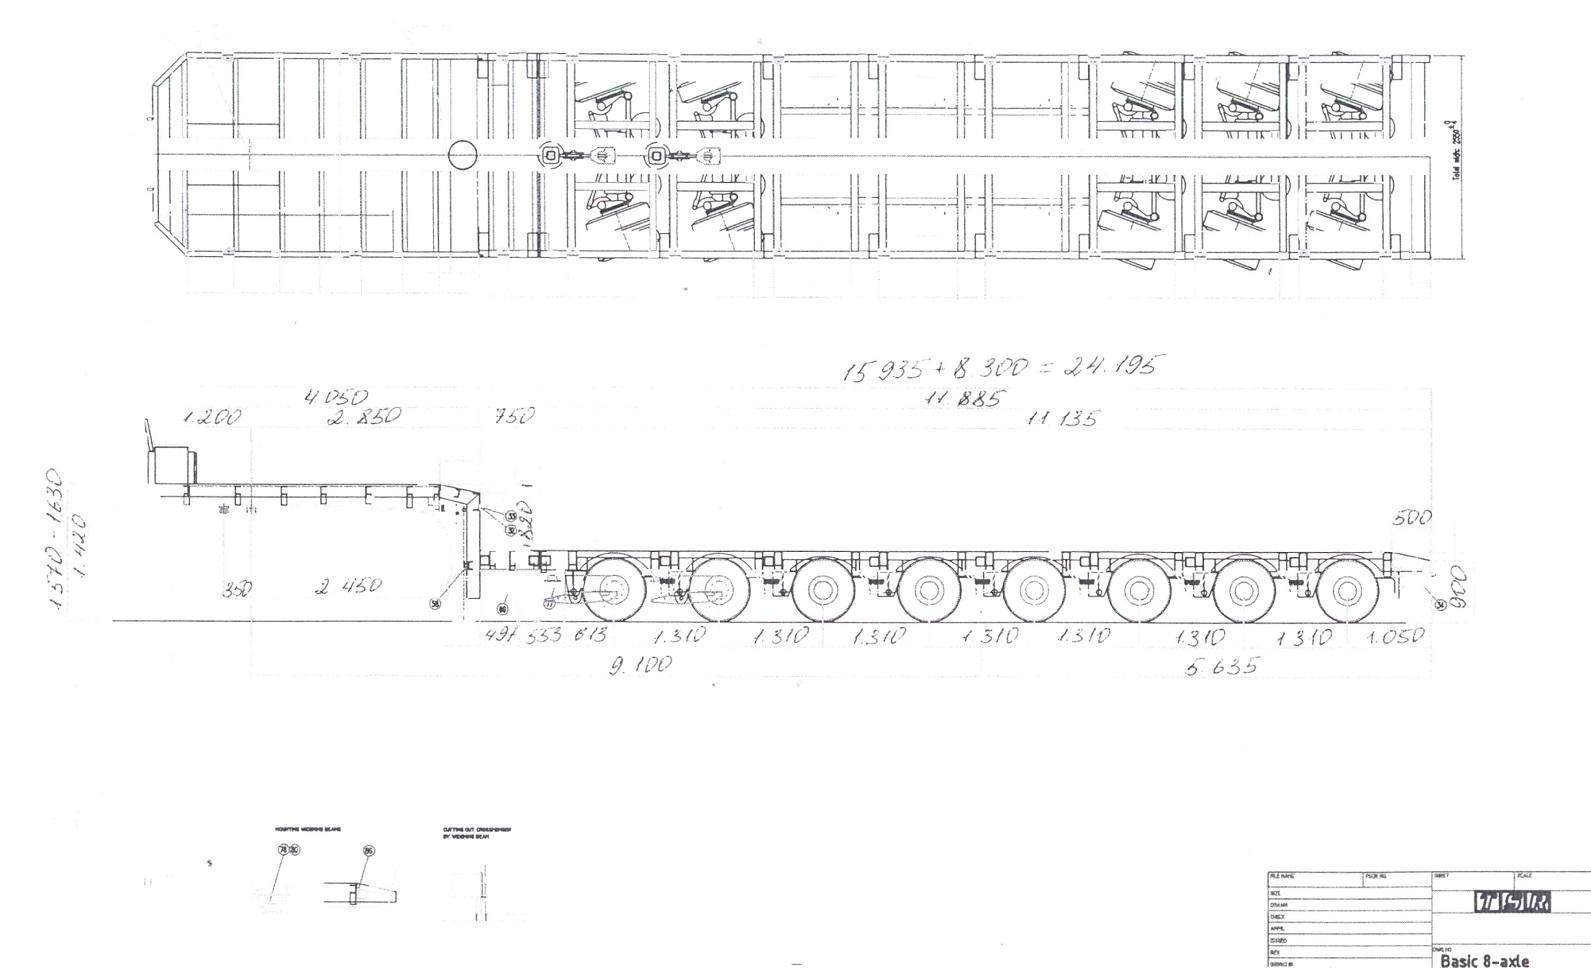 TSR 8 80